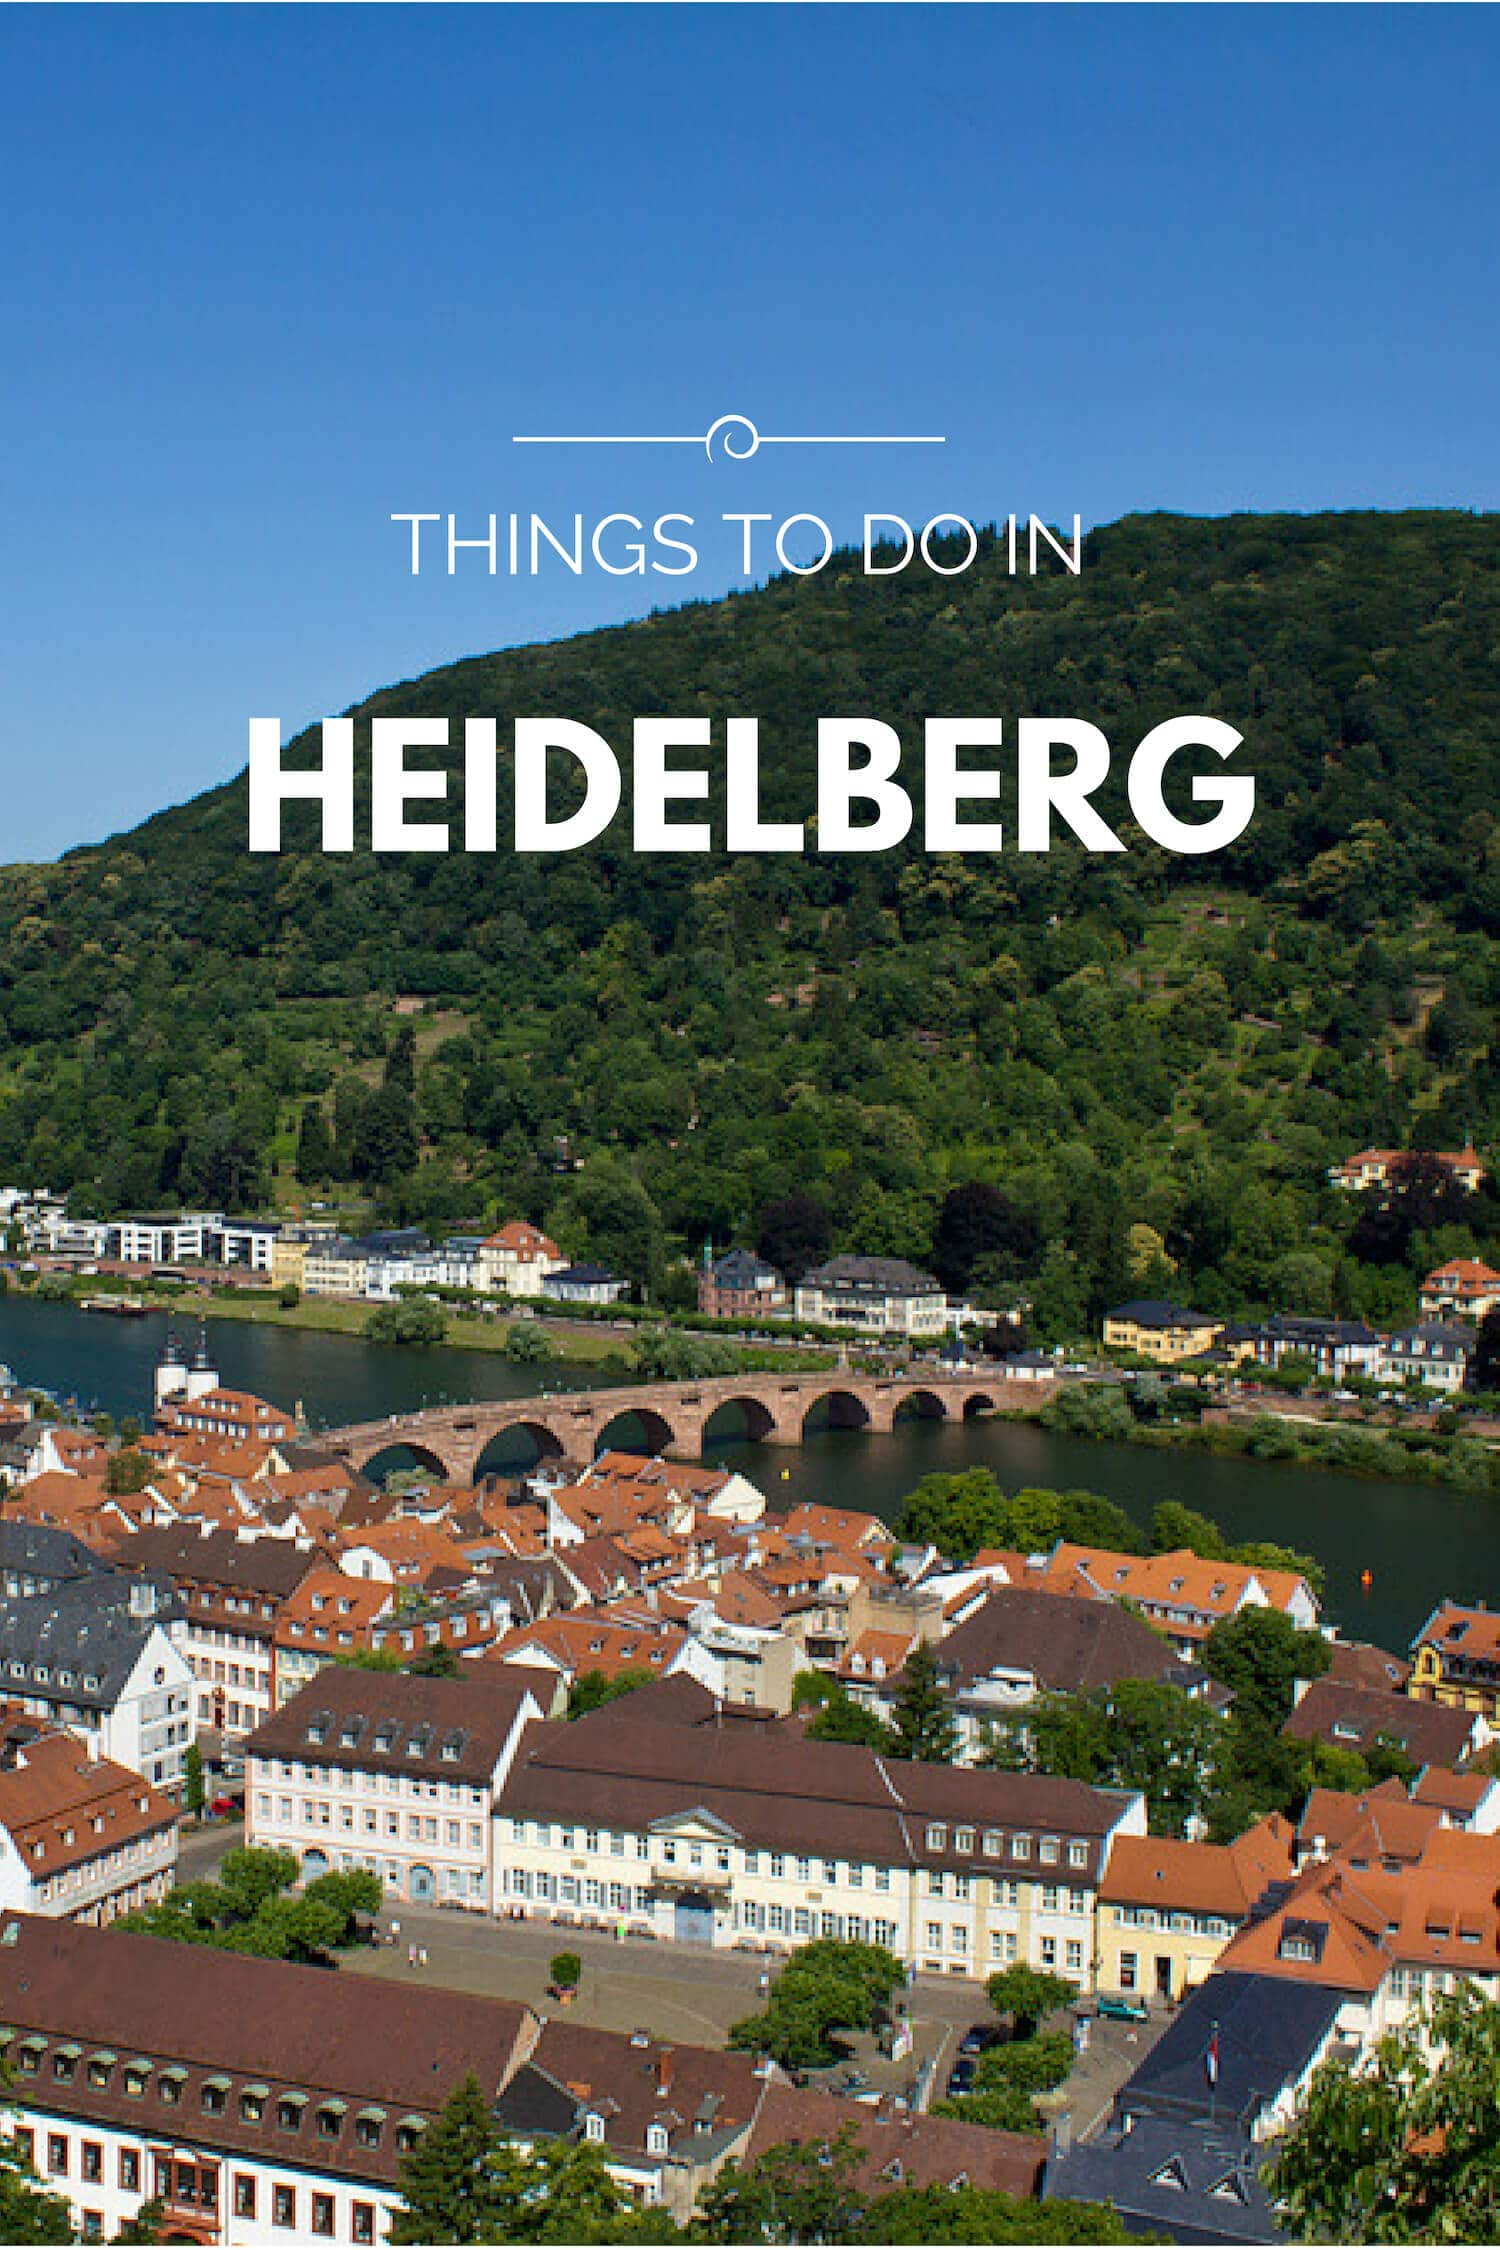 Things to do in Heidelberg, Germany